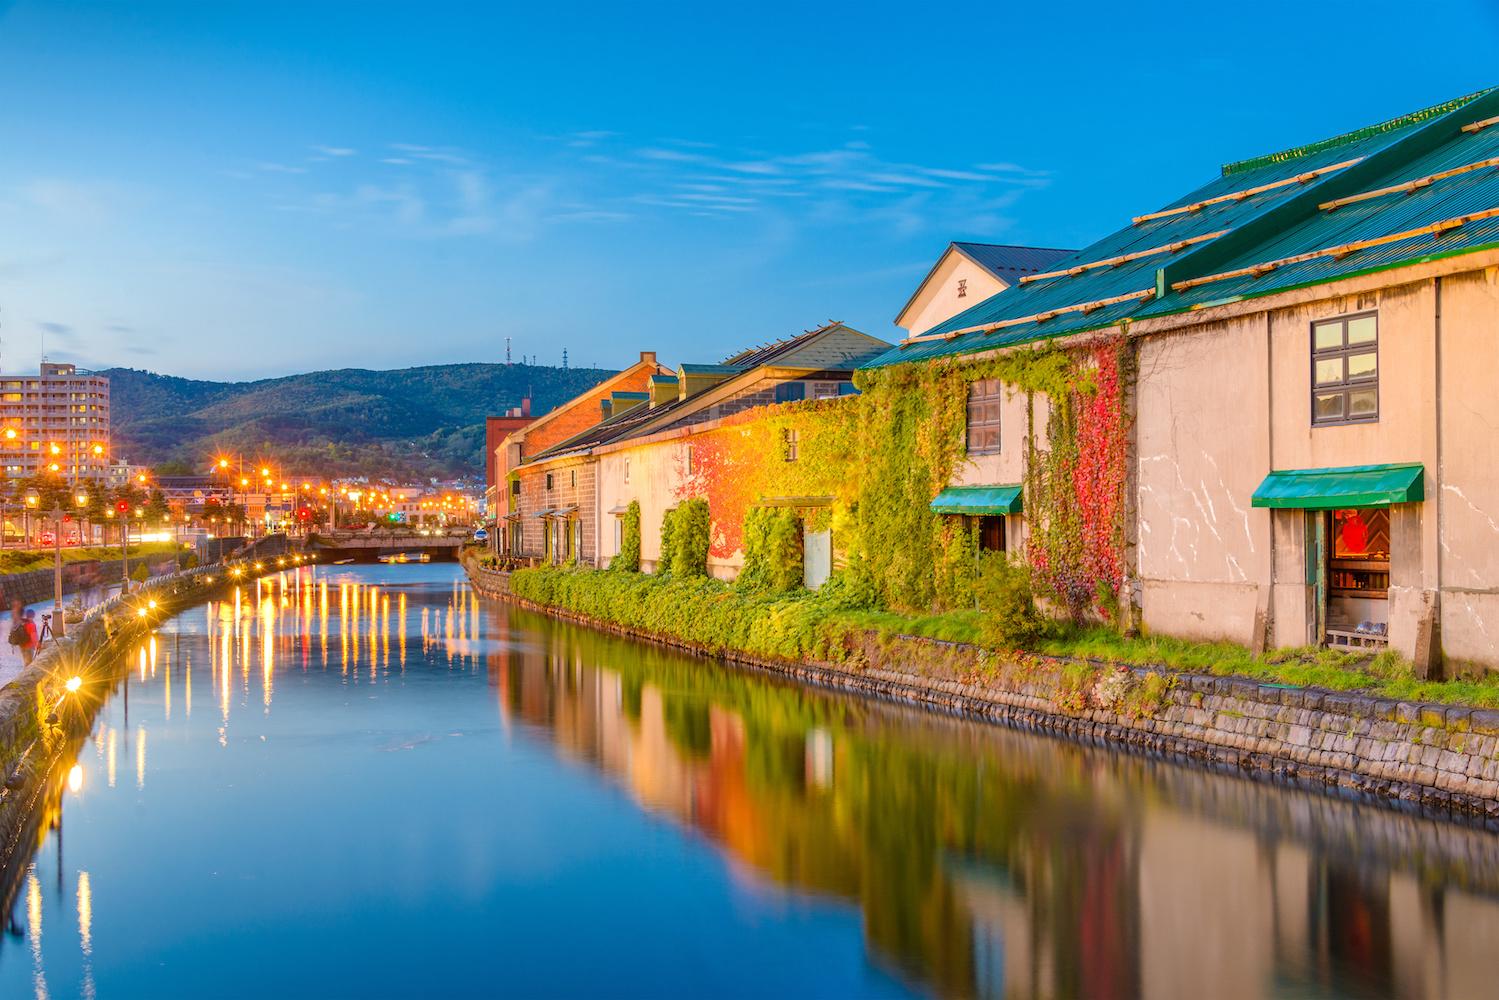 充滿異國情調的小樽運河